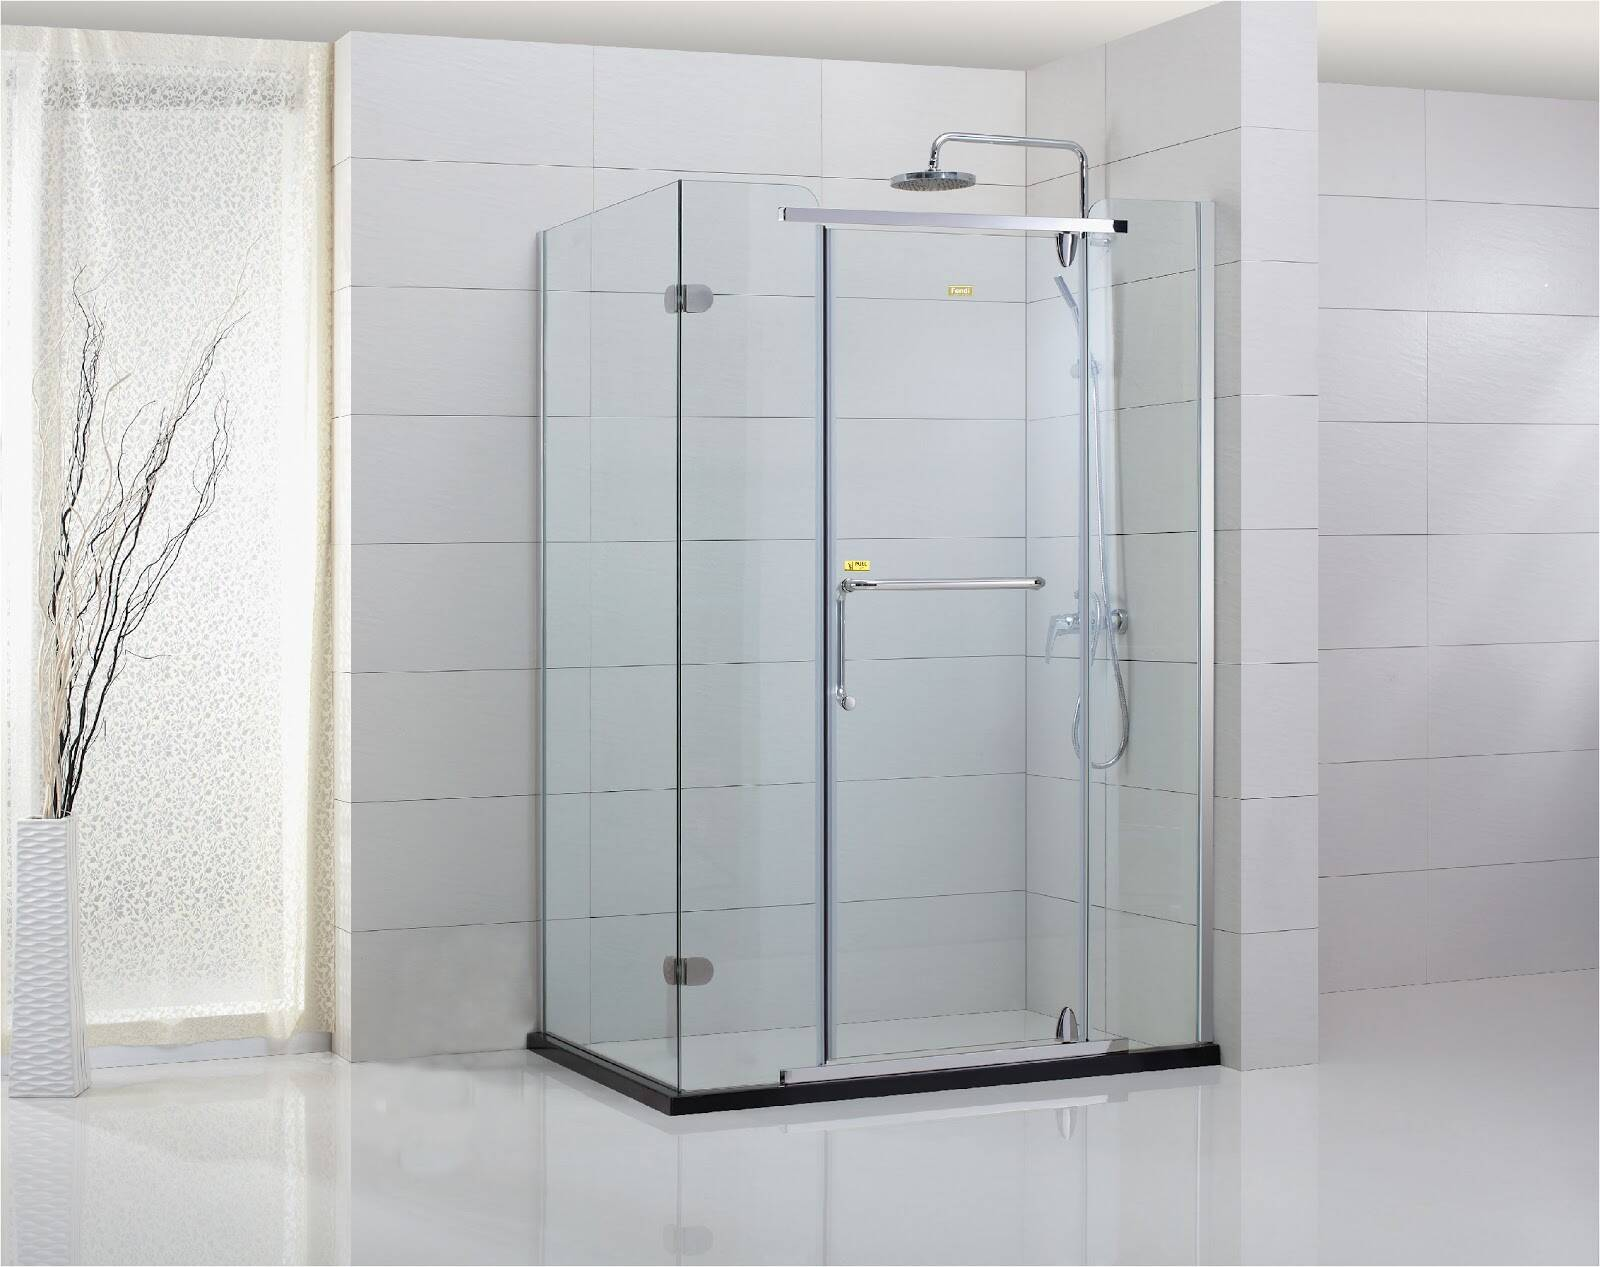 Phòng tắm kính thương hiệu Fendi đạt hợp chuẩn Úc về kết cấu an toàn cho kính